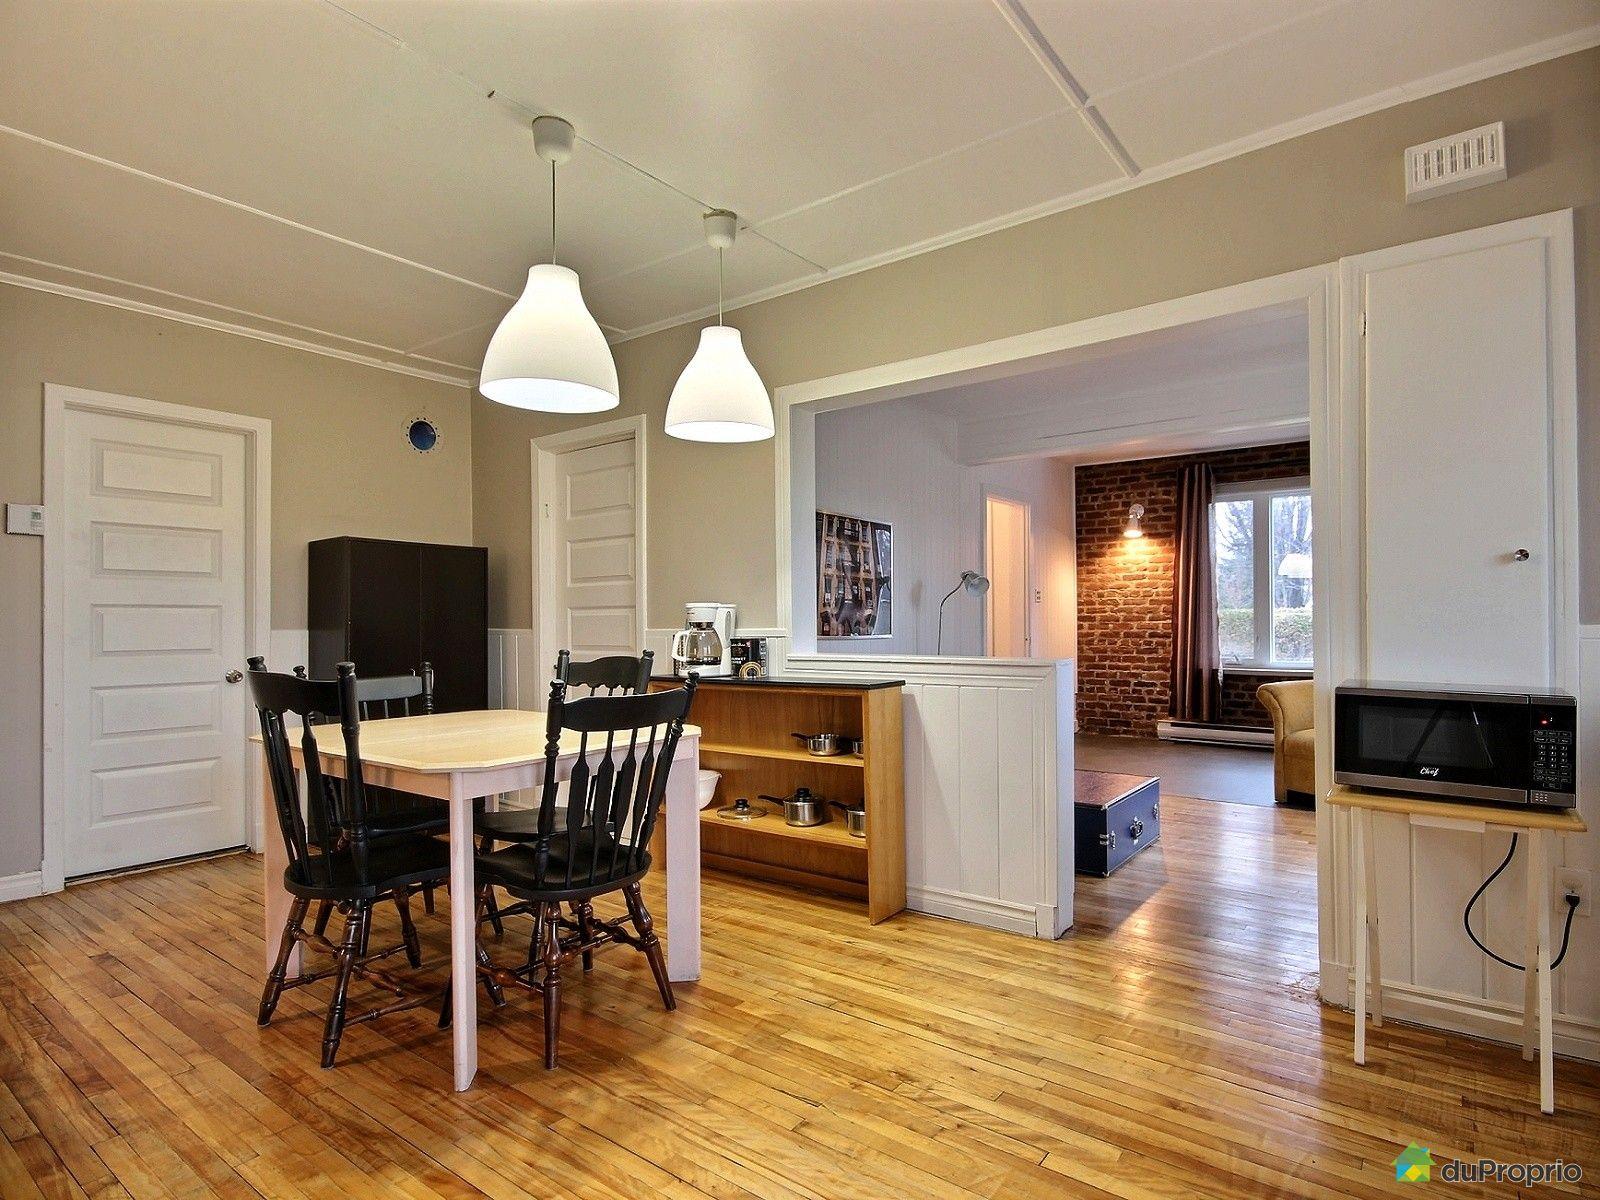 Maison vendre sorel tracy 3315 rue tach immobilier for Beaulieu meuble sorel tracy